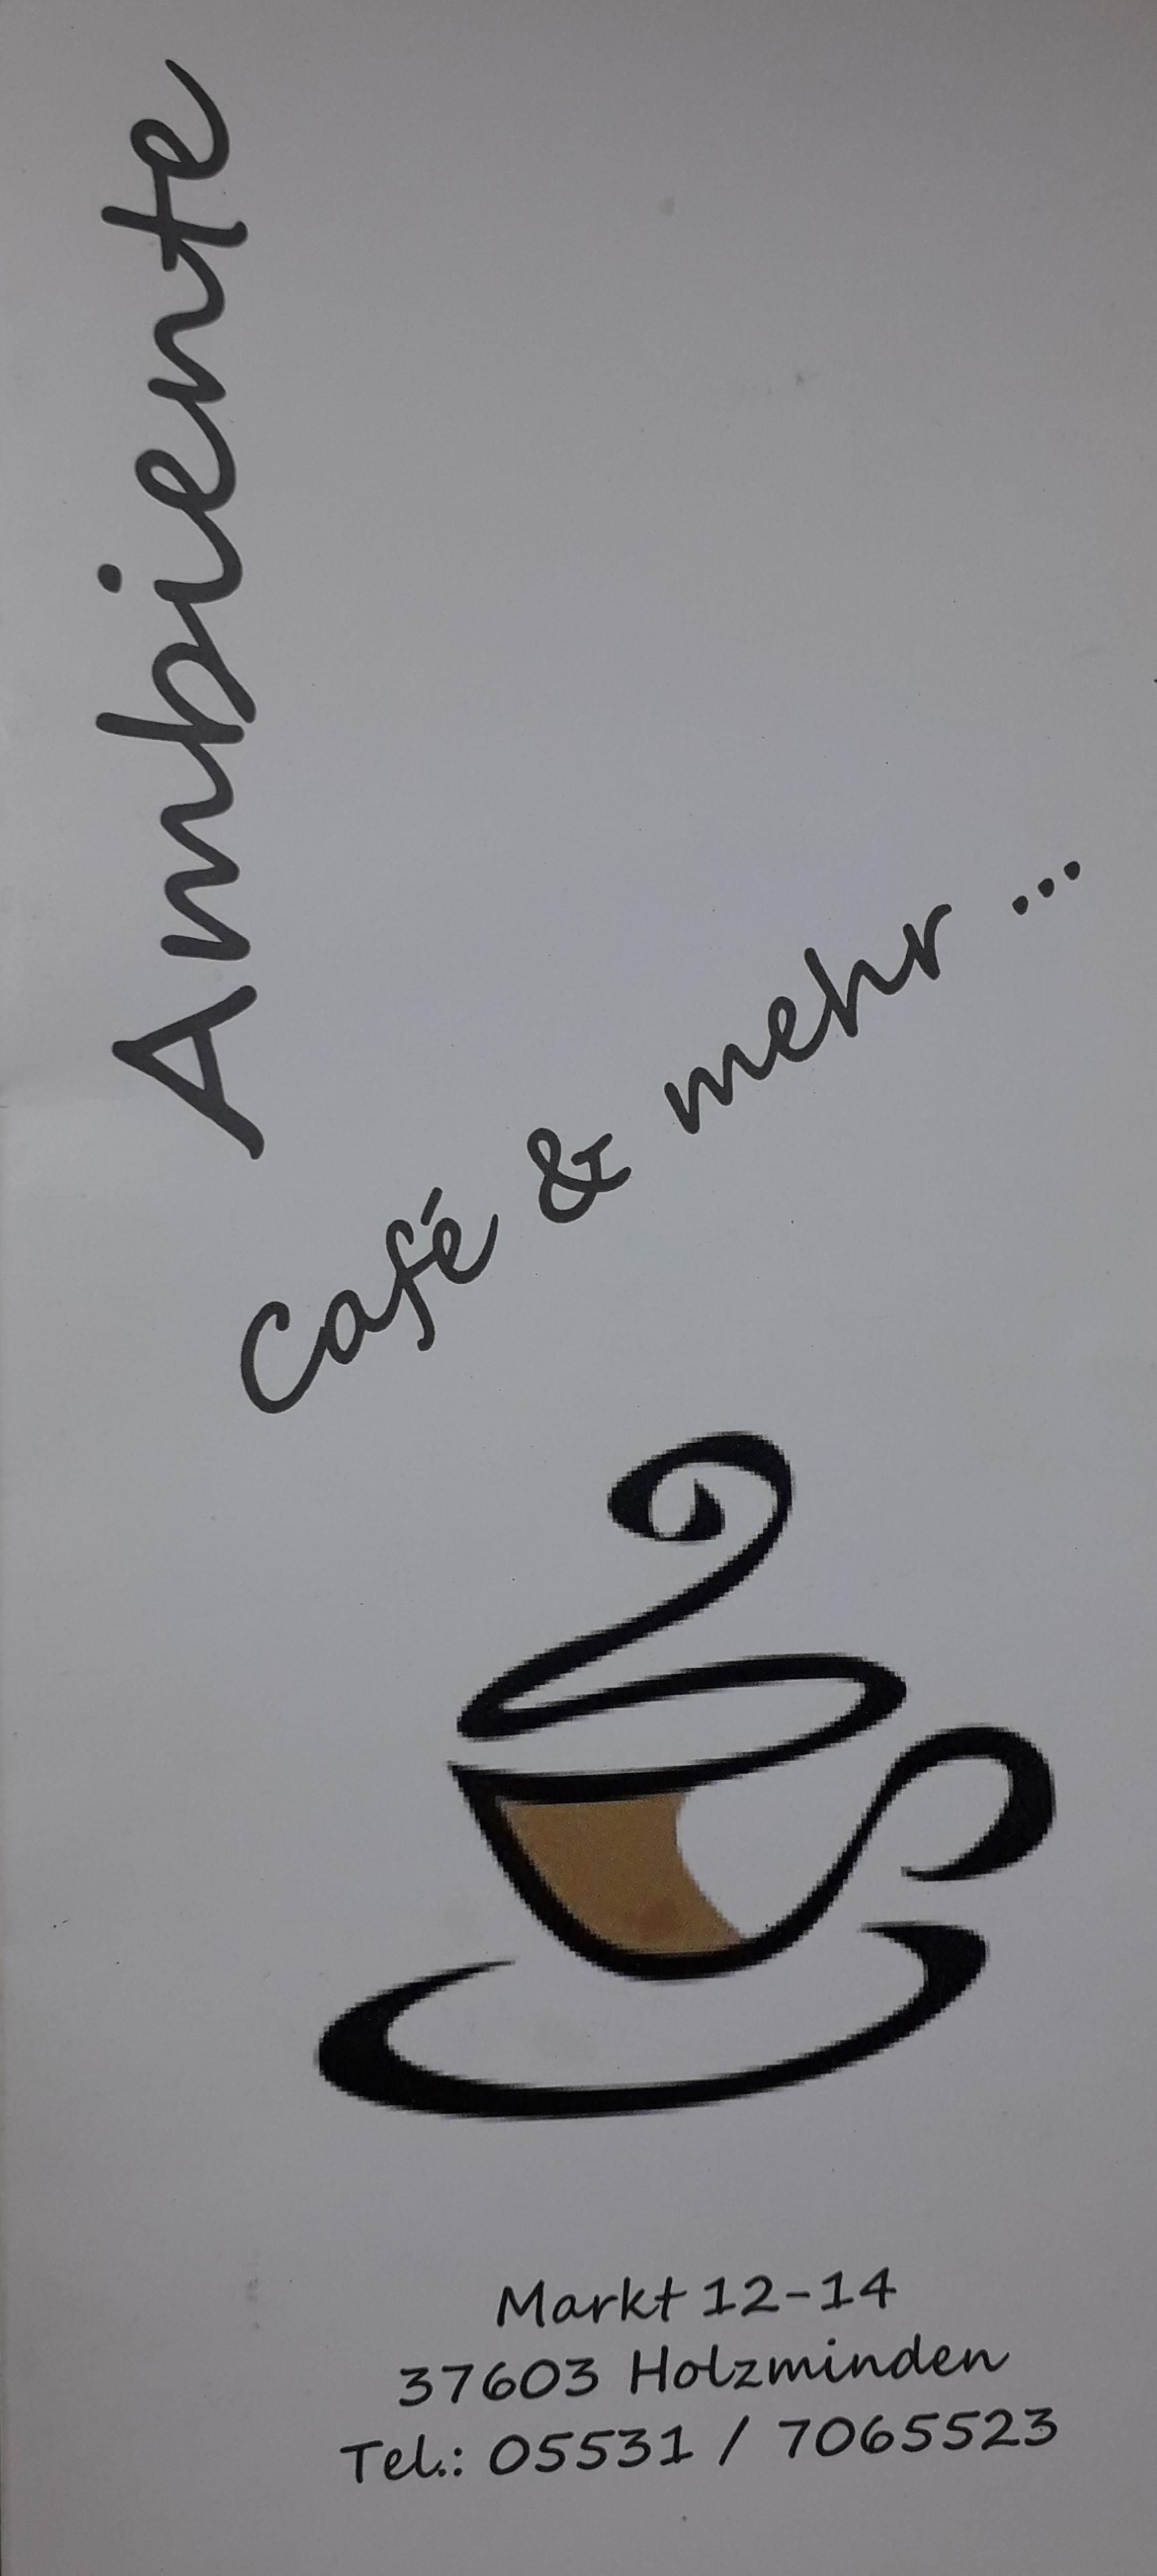 Ambiente Cafe Und Mehr 37603 Holzminden Offnungszeiten Adresse Telefon